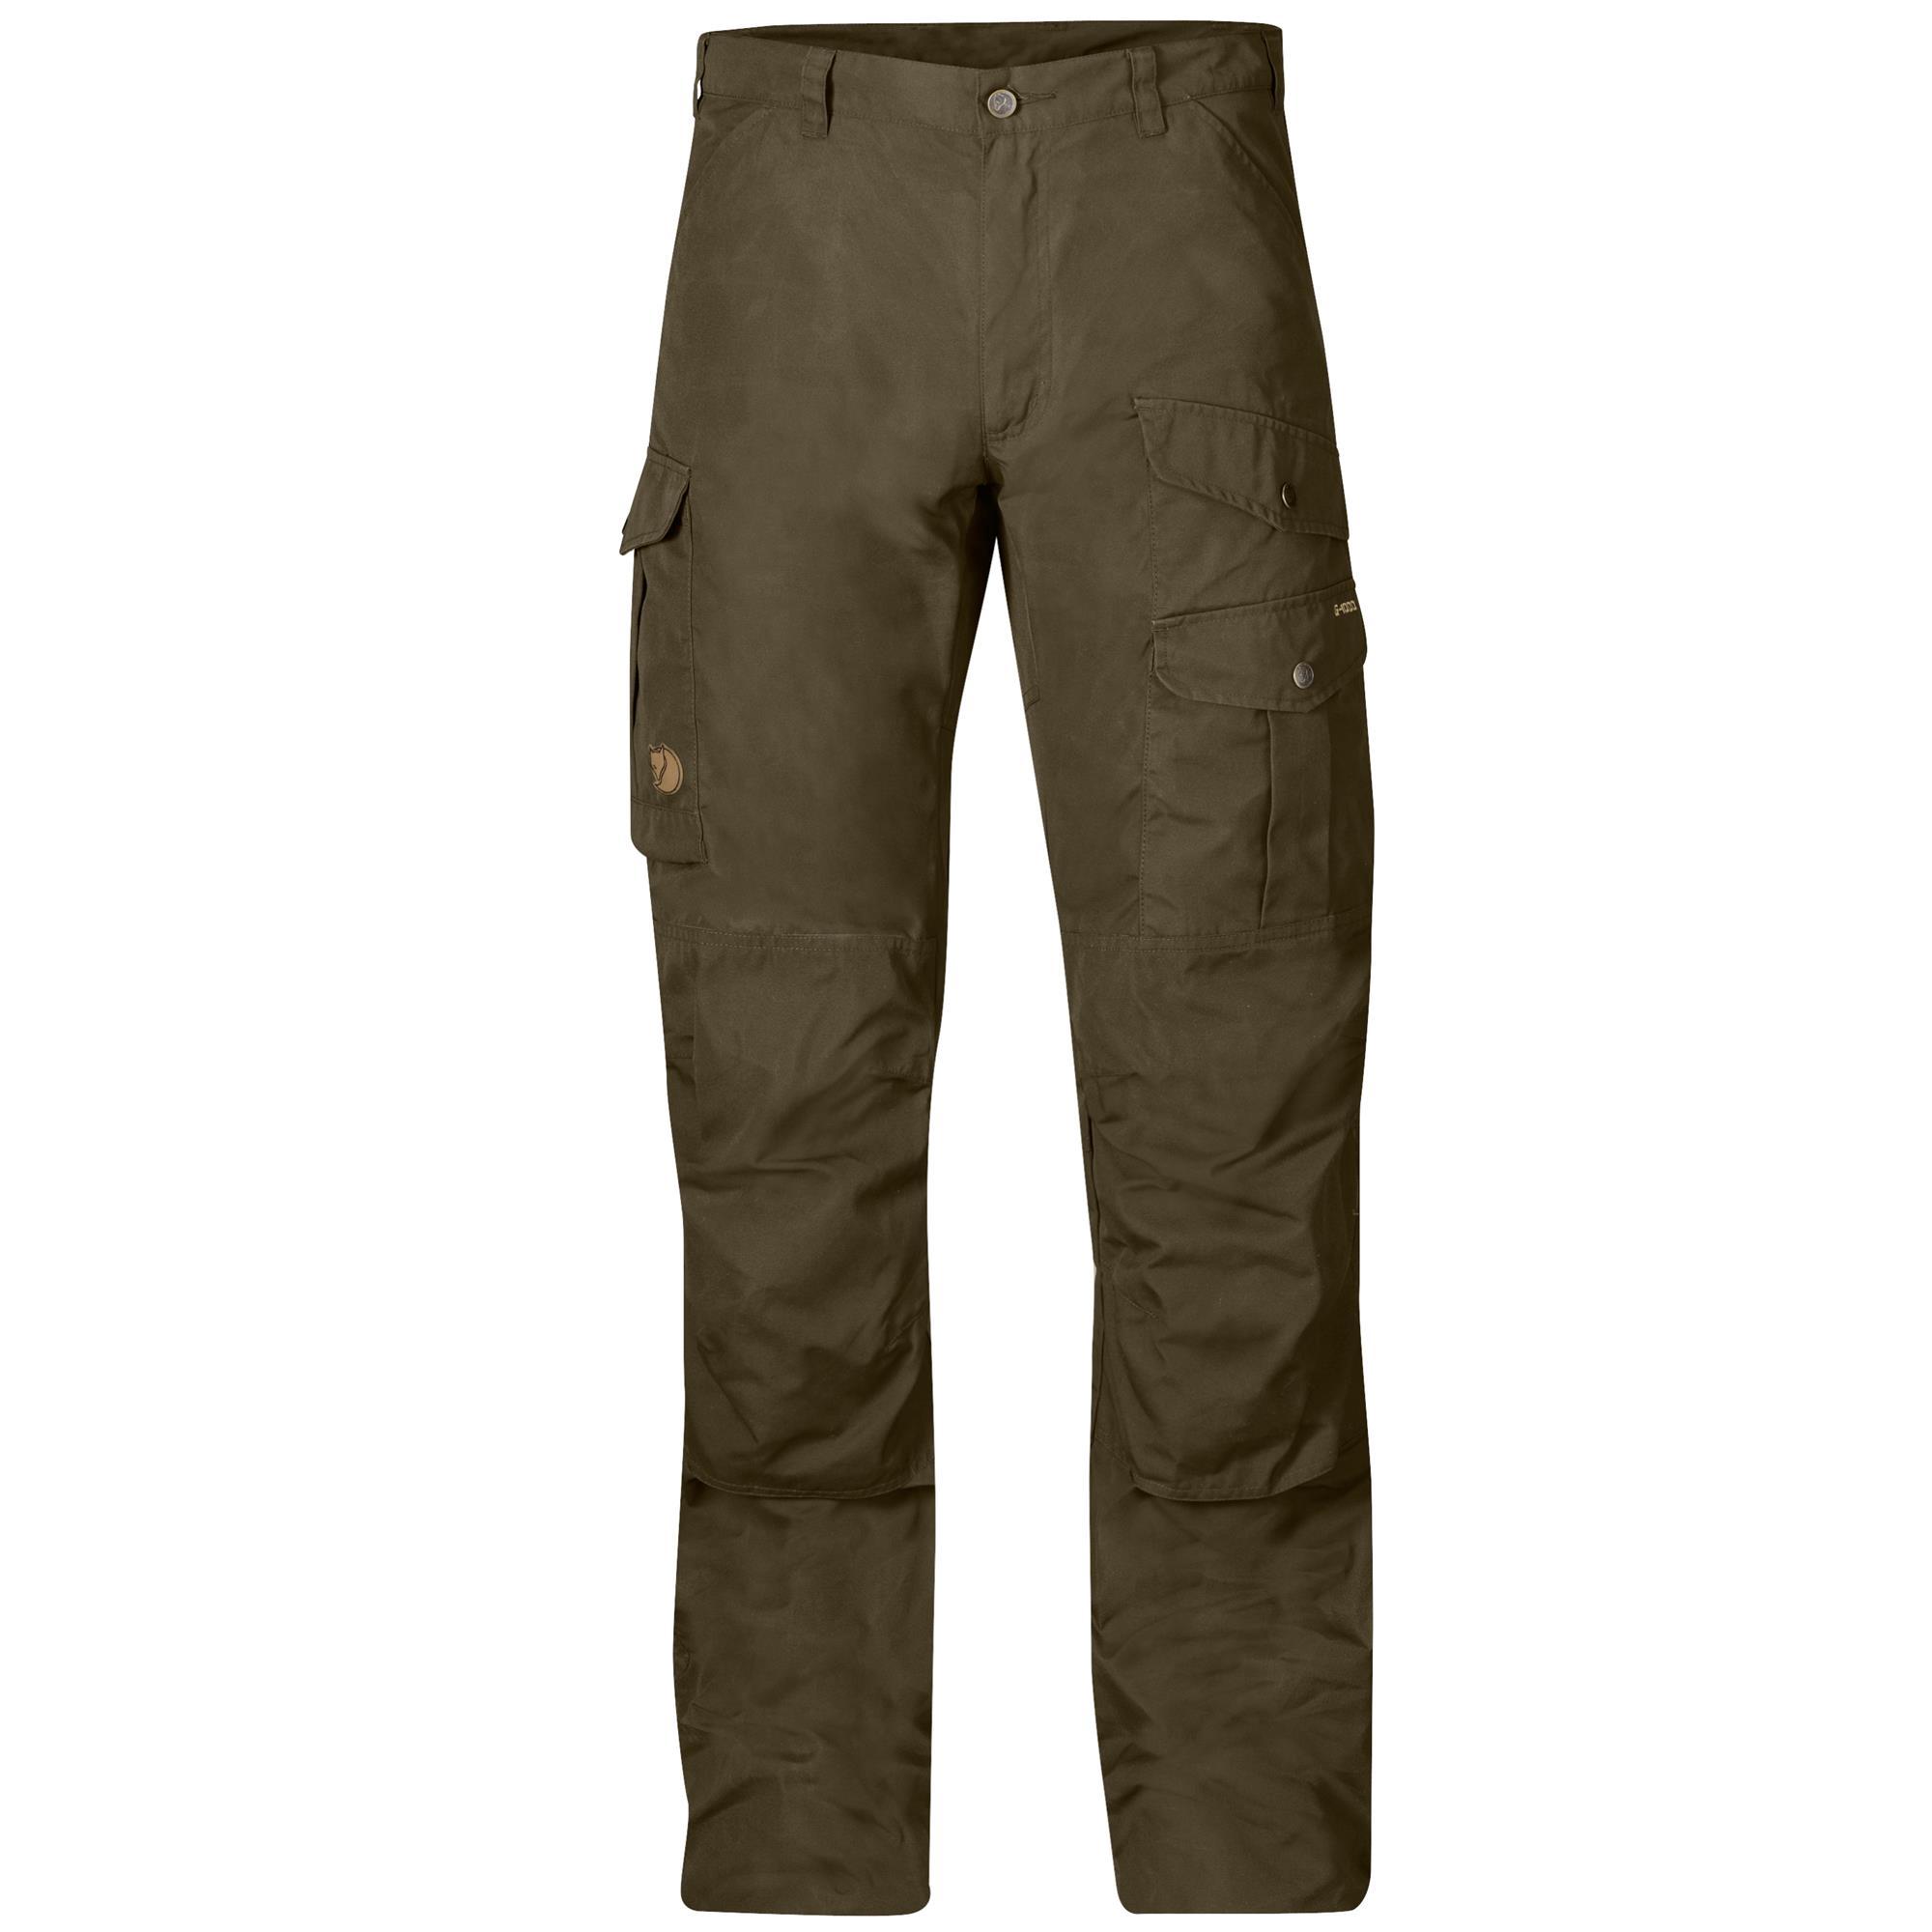 Herren Trekkinghose Fjällräven Barents Pro Trousers*